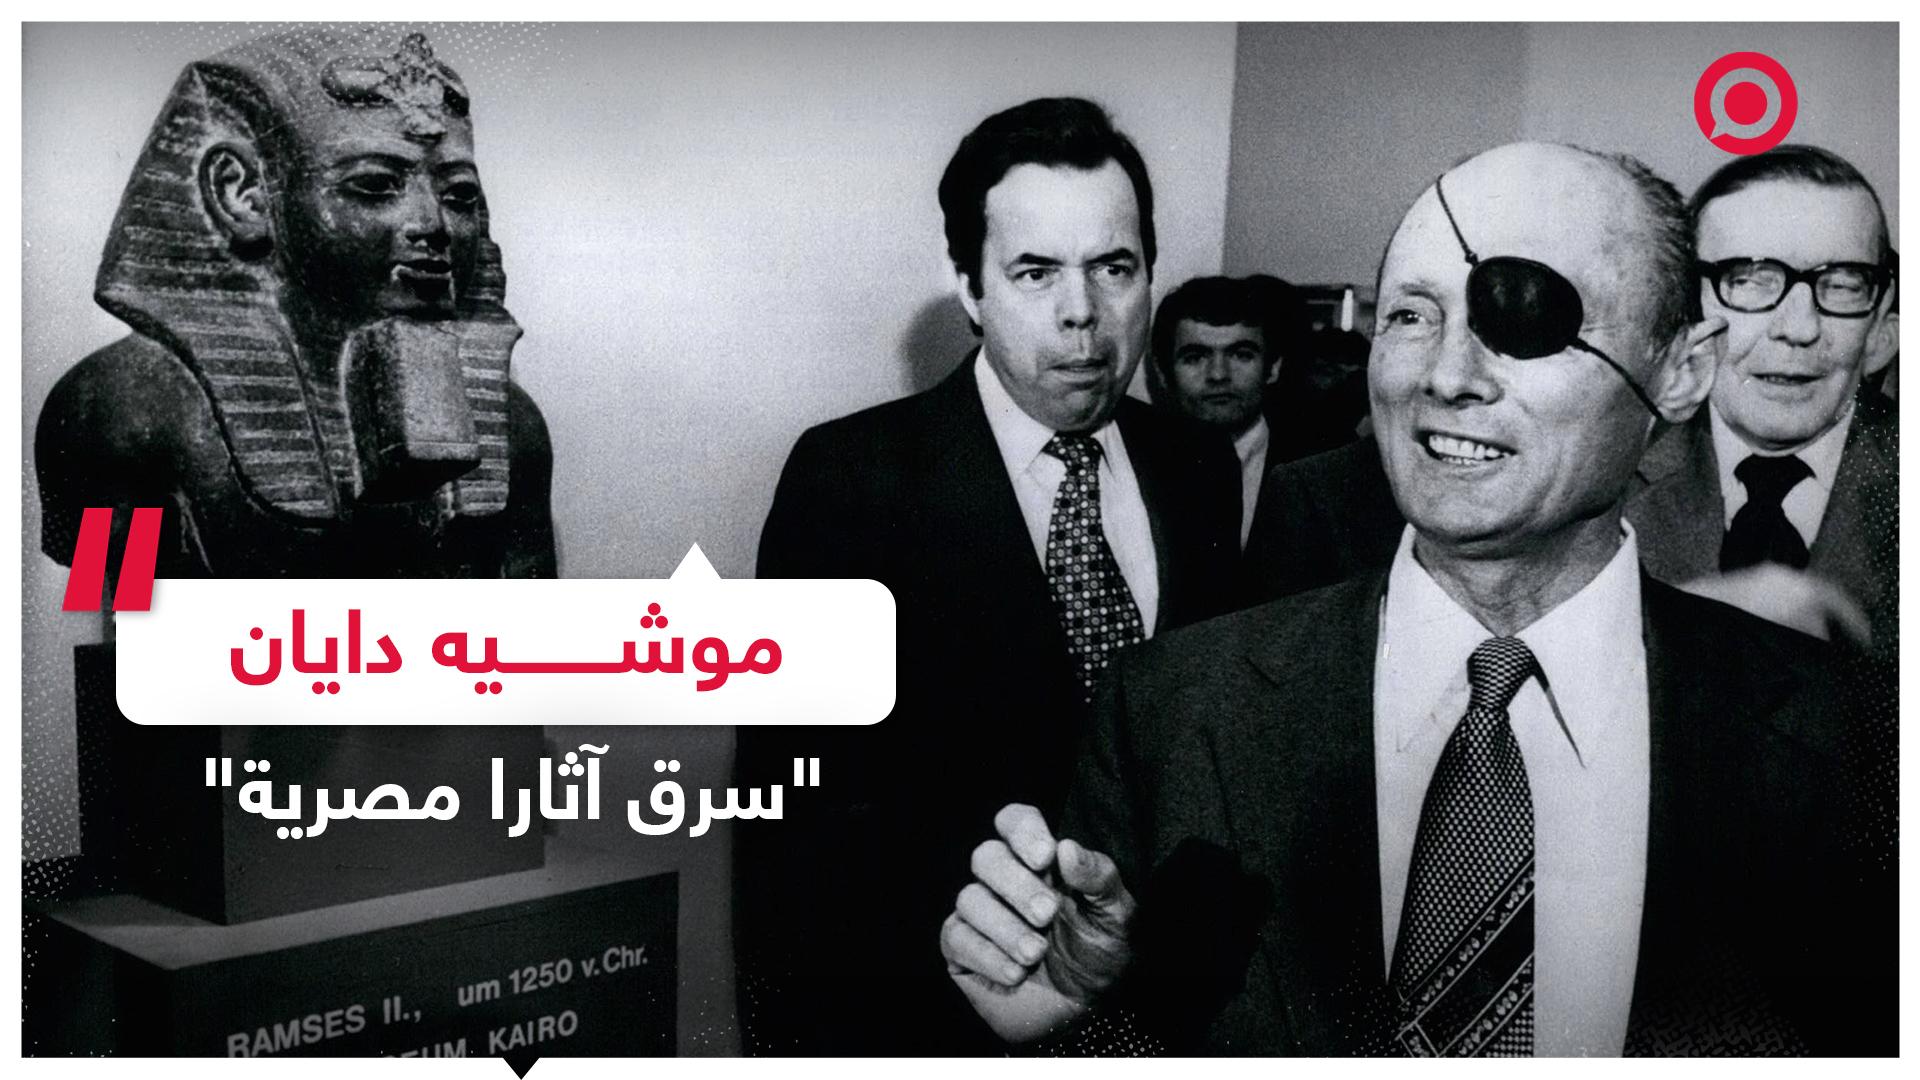 """موشي دايان وزير الدفاع الإسرائيلي الأسبق """"سرق آثارا مصرية"""" ونقلها إلى تل أبيب"""